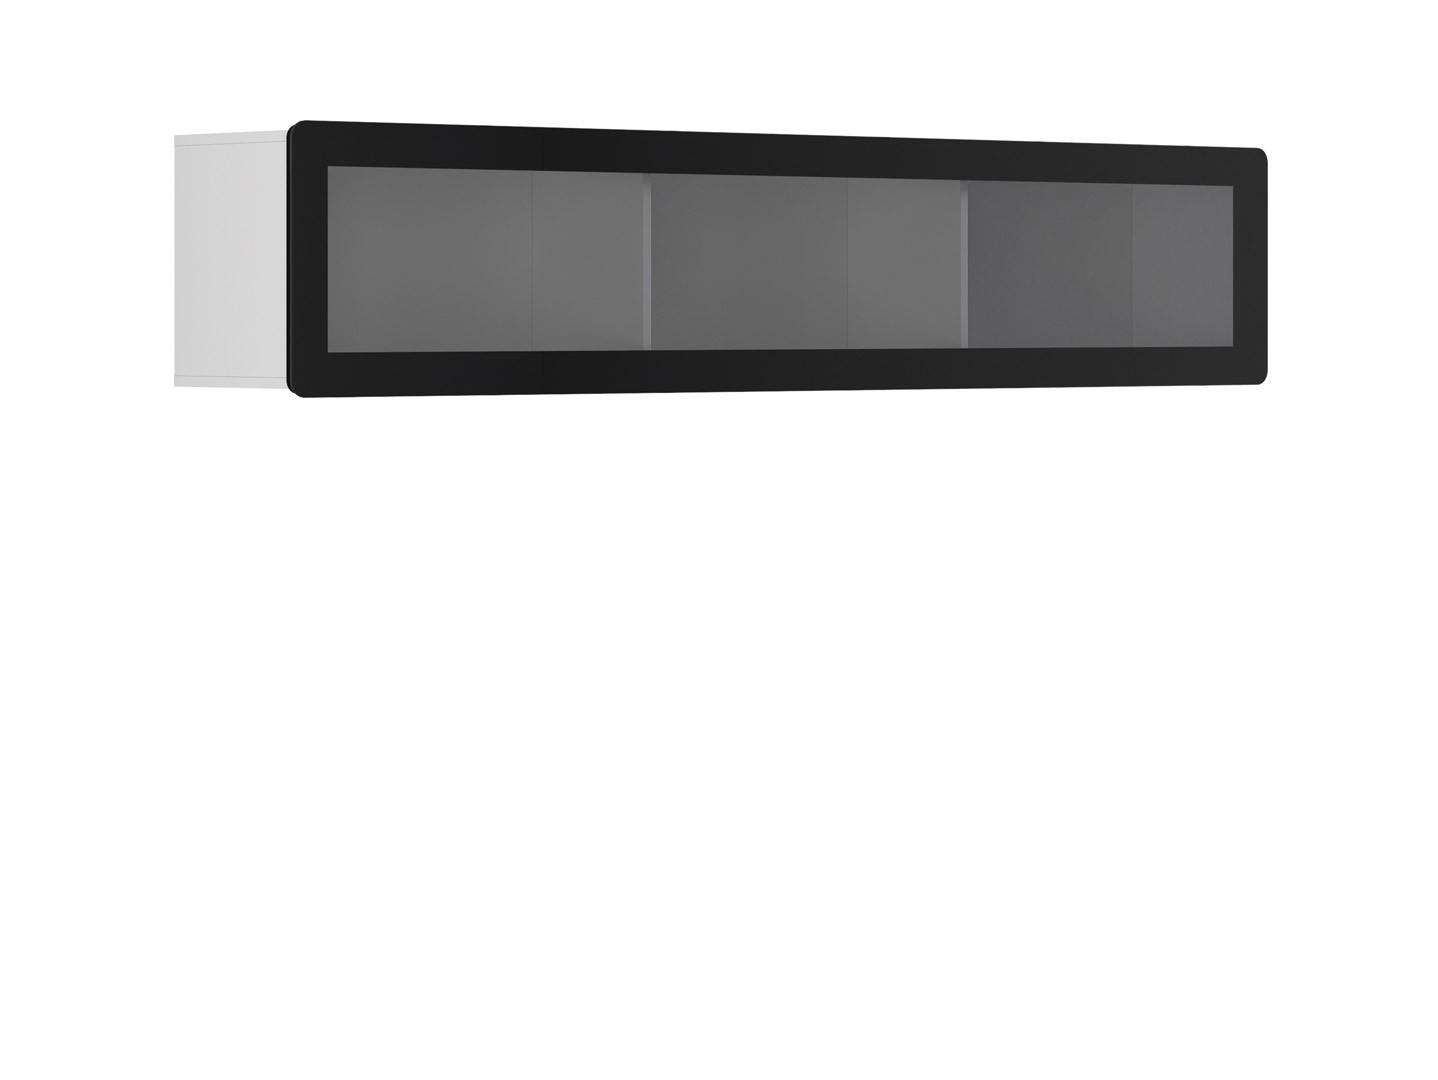 Vitrína na zeď - BRW - Possi Light - SFW1WK/4/20 (bílá) (s osvětlením)